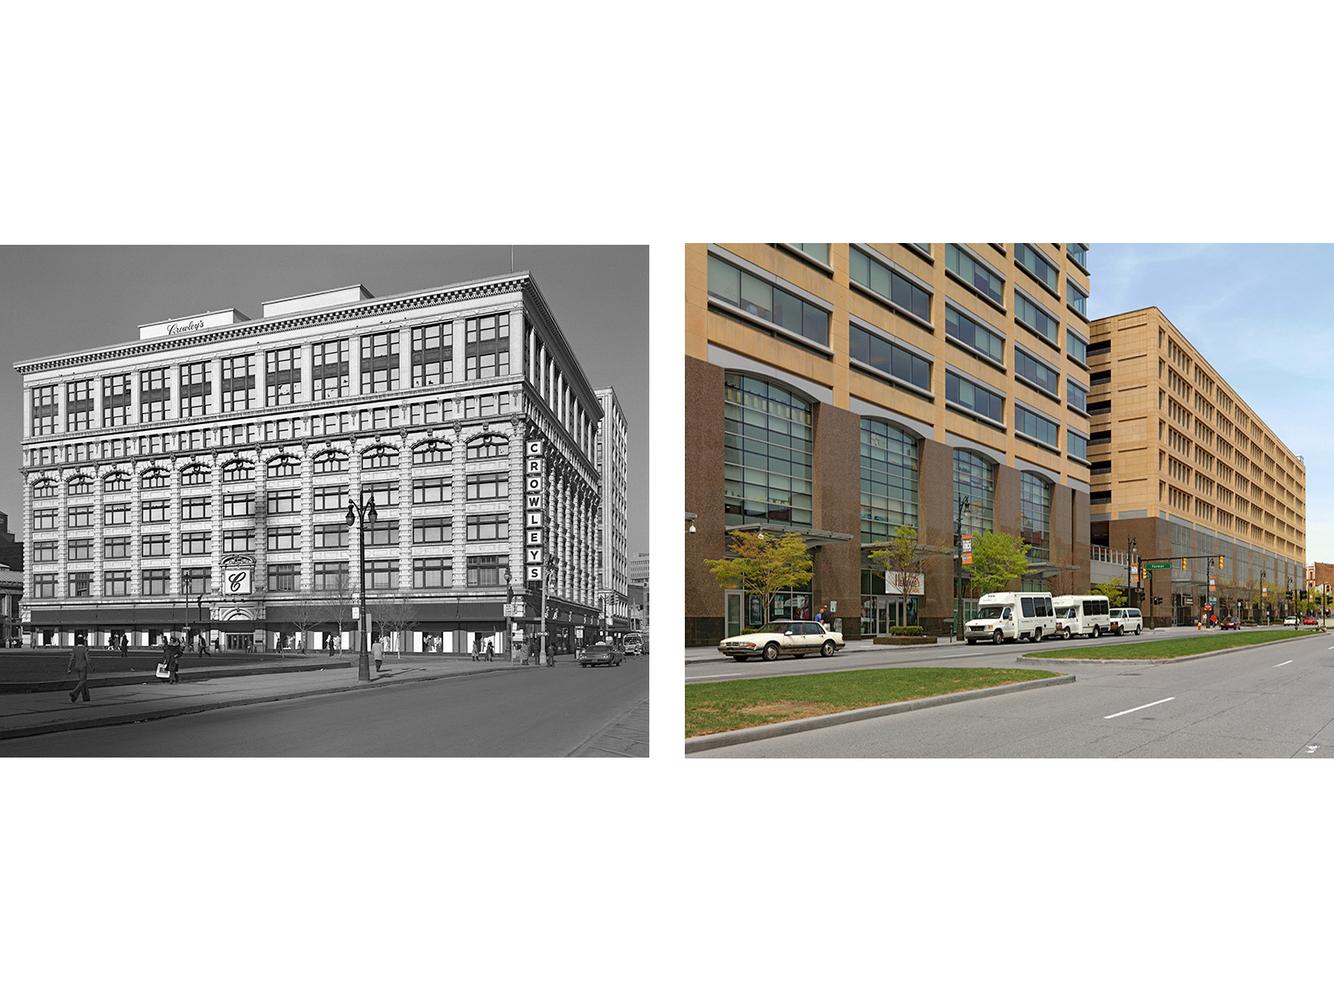 Crowley's Department Store, Farmer St., Detroit 1973-2010